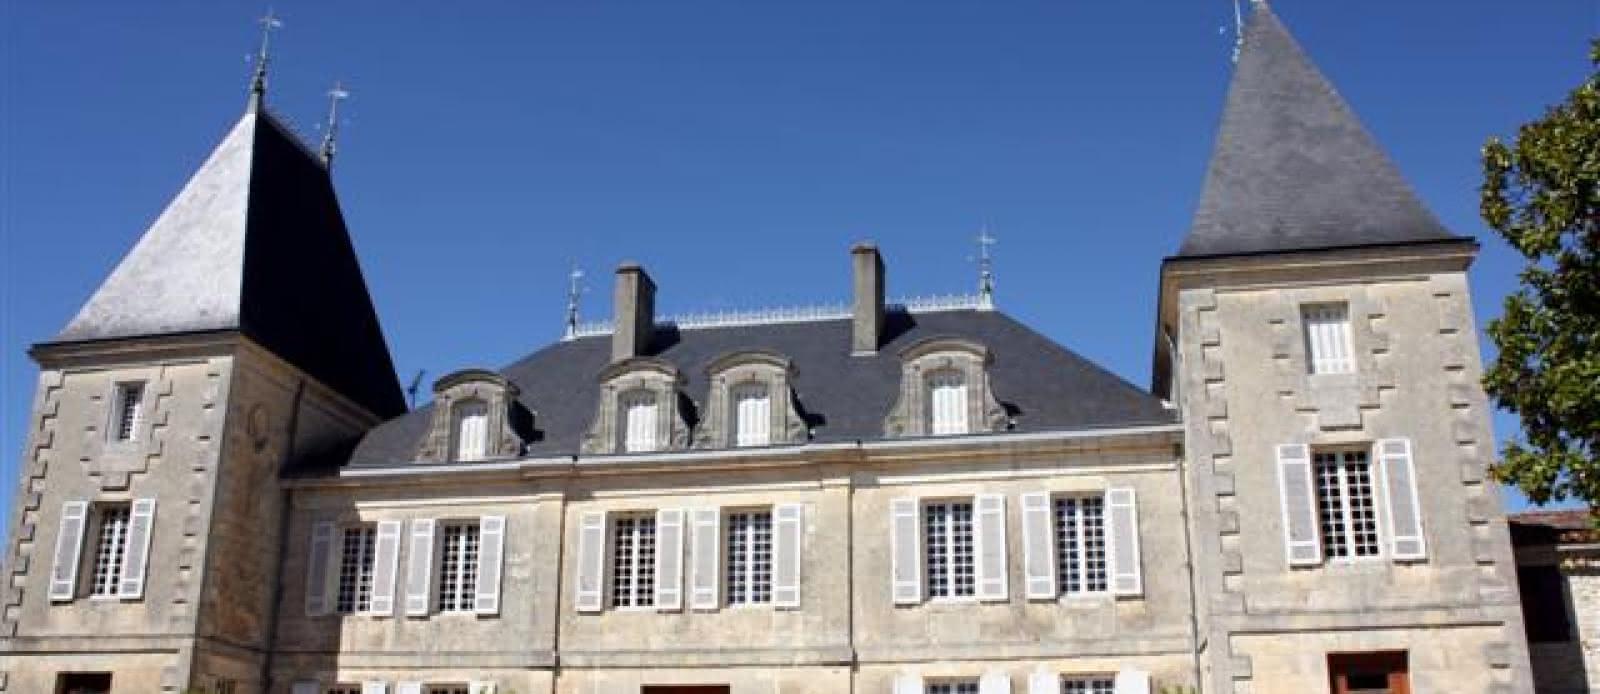 Peyrabon chateau1